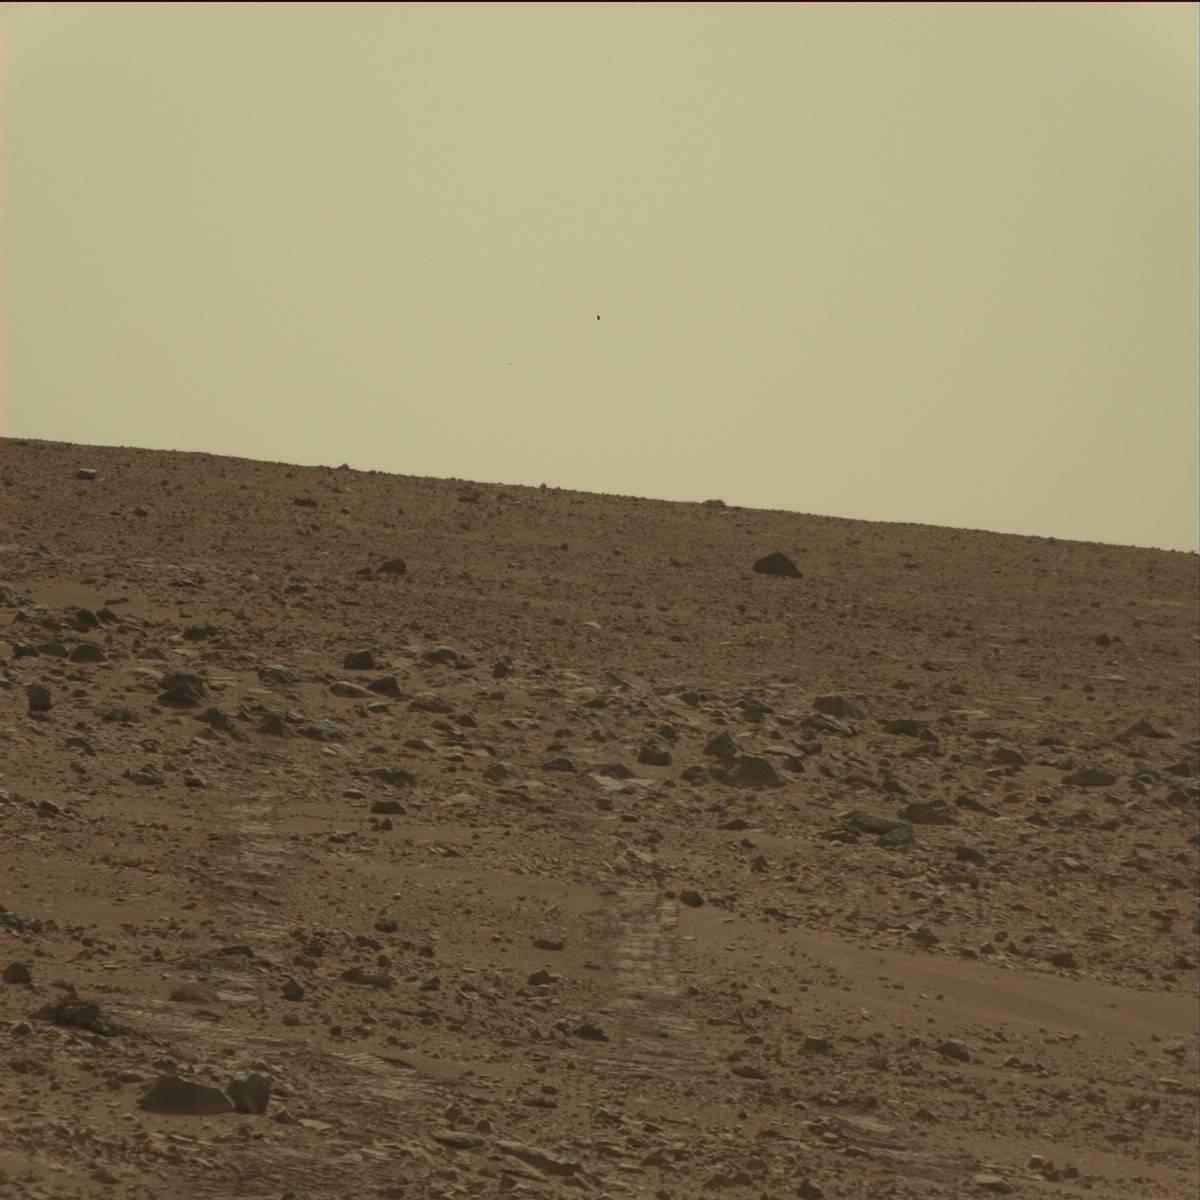 rover 75 mars - photo #47